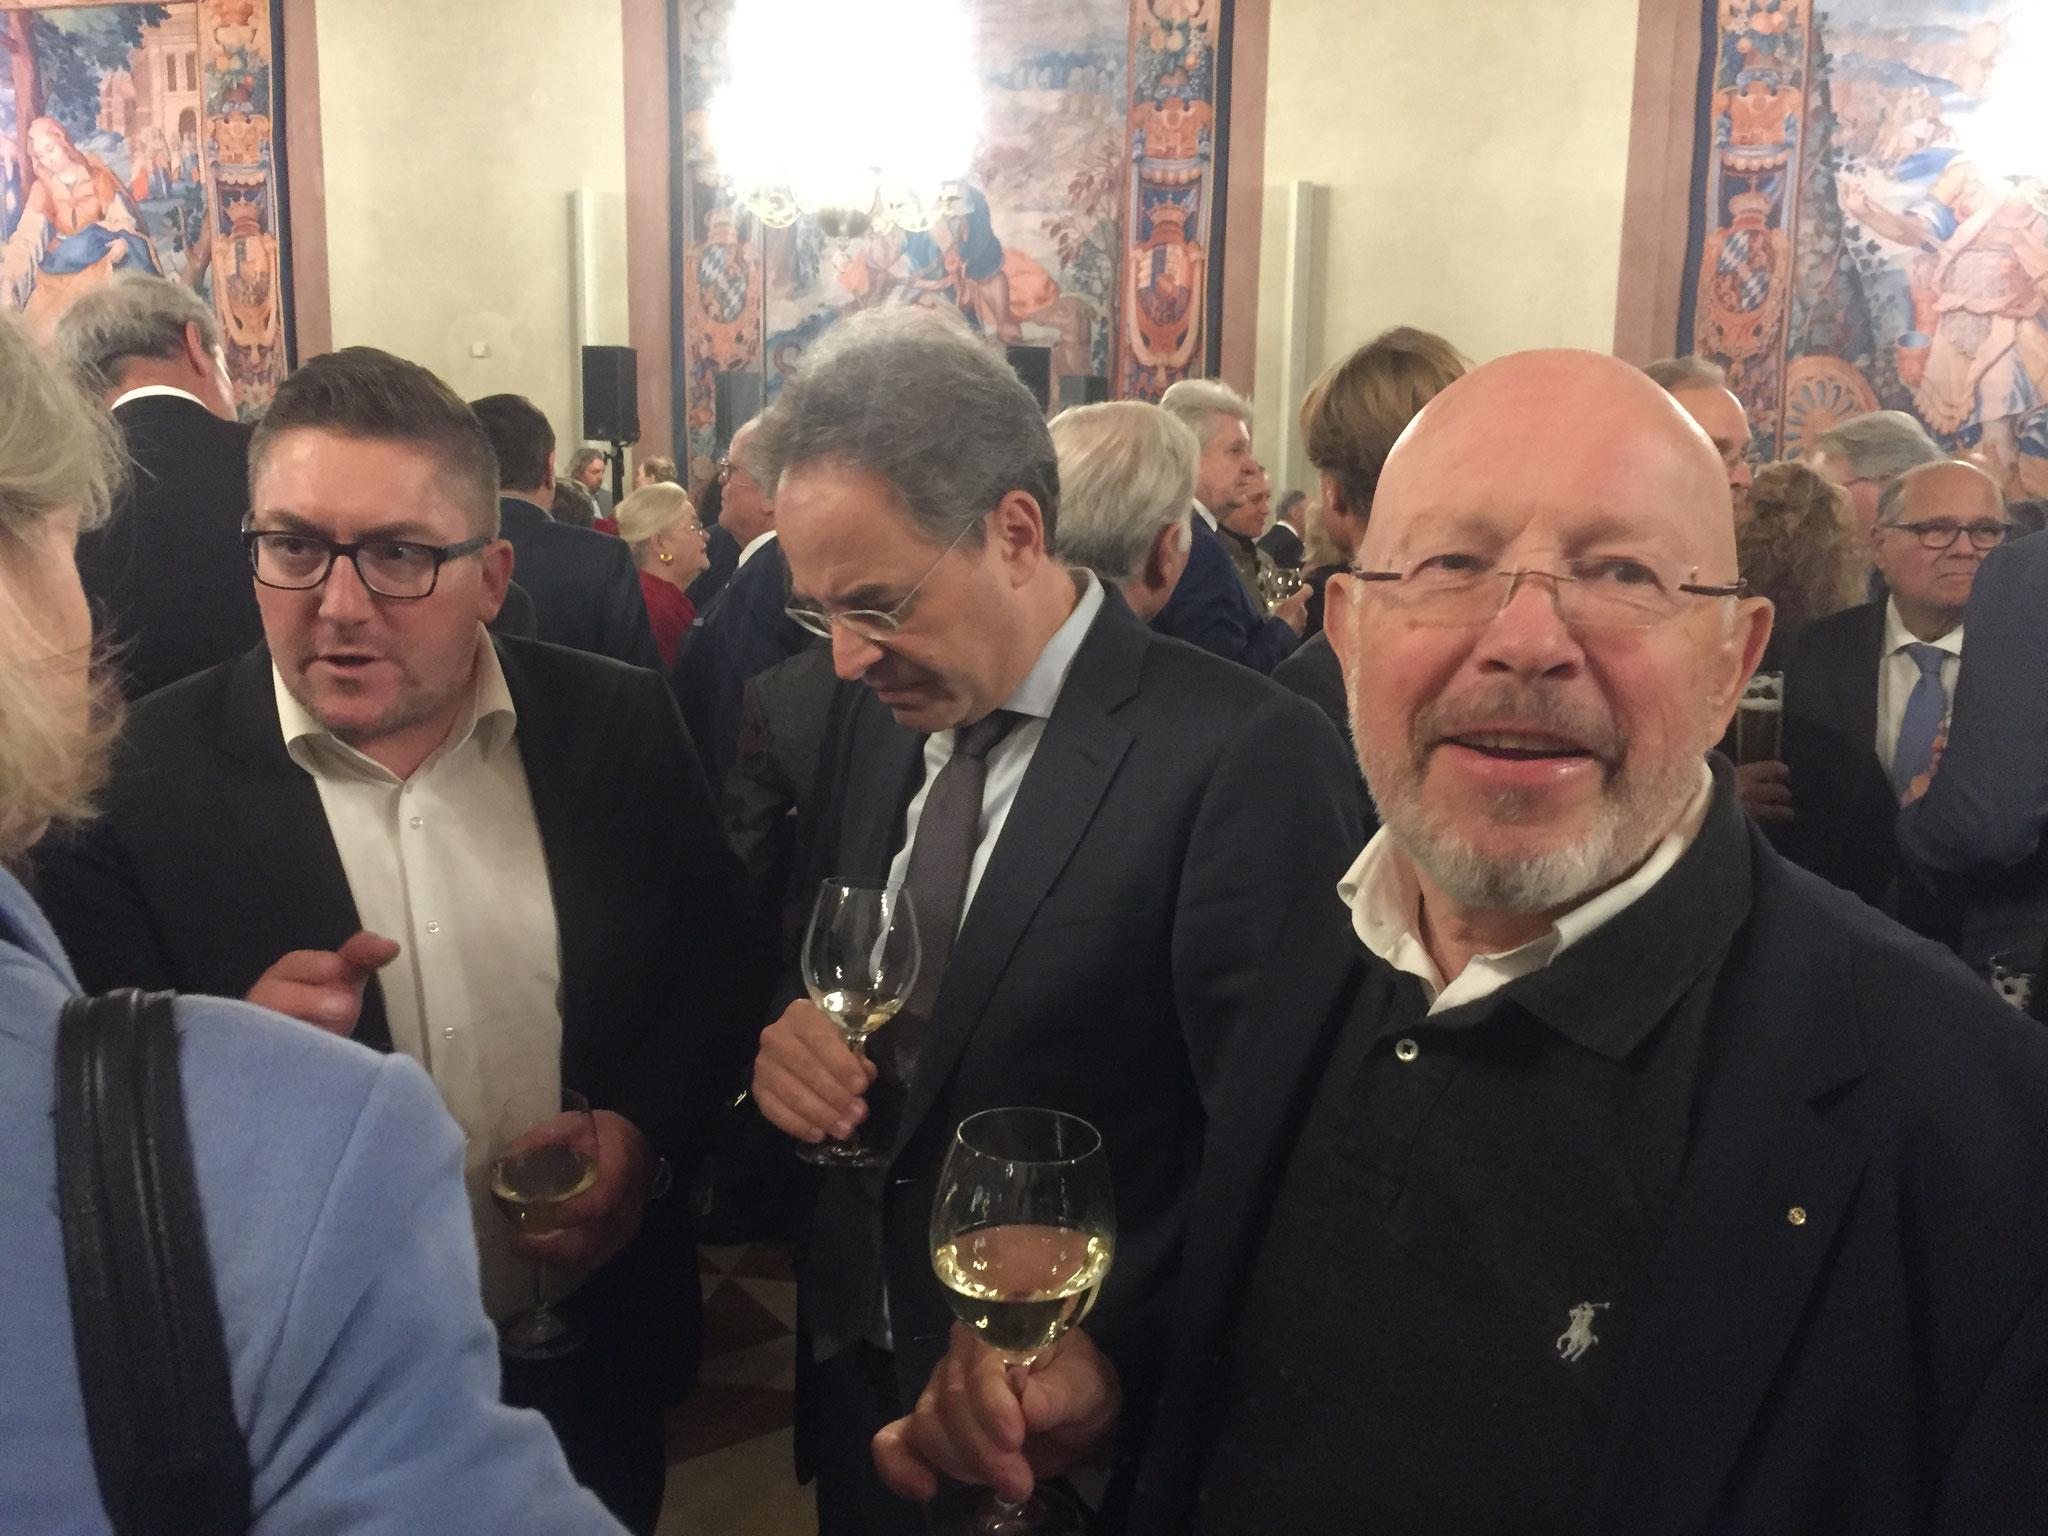 Dr. Dieter Körner der geschäftsführende Vorstand des BRSI ist soeben in der Residenz eingetroffen